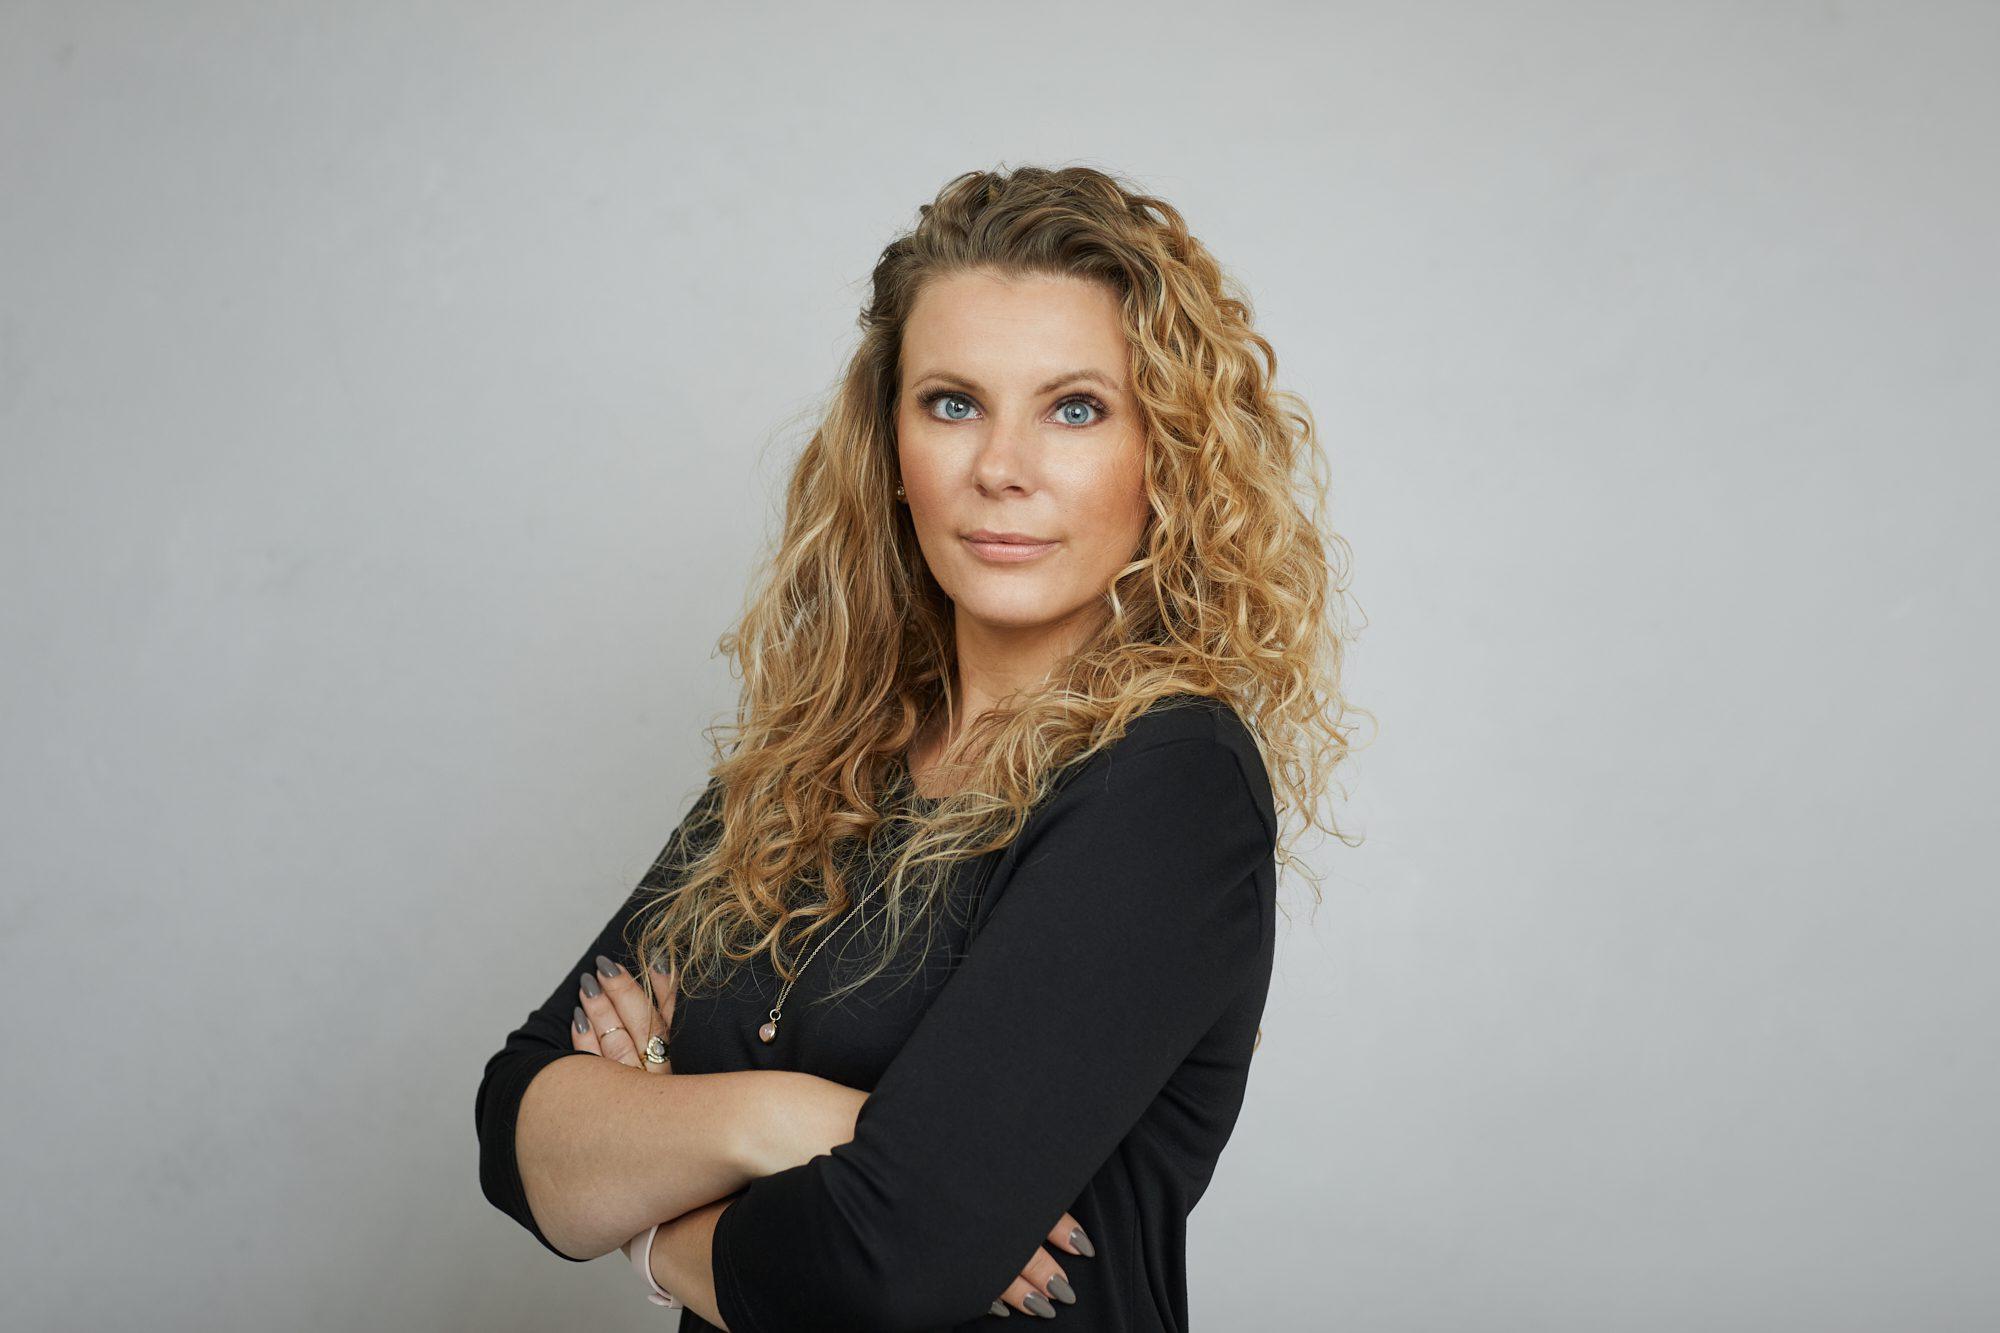 Karina von Bülow